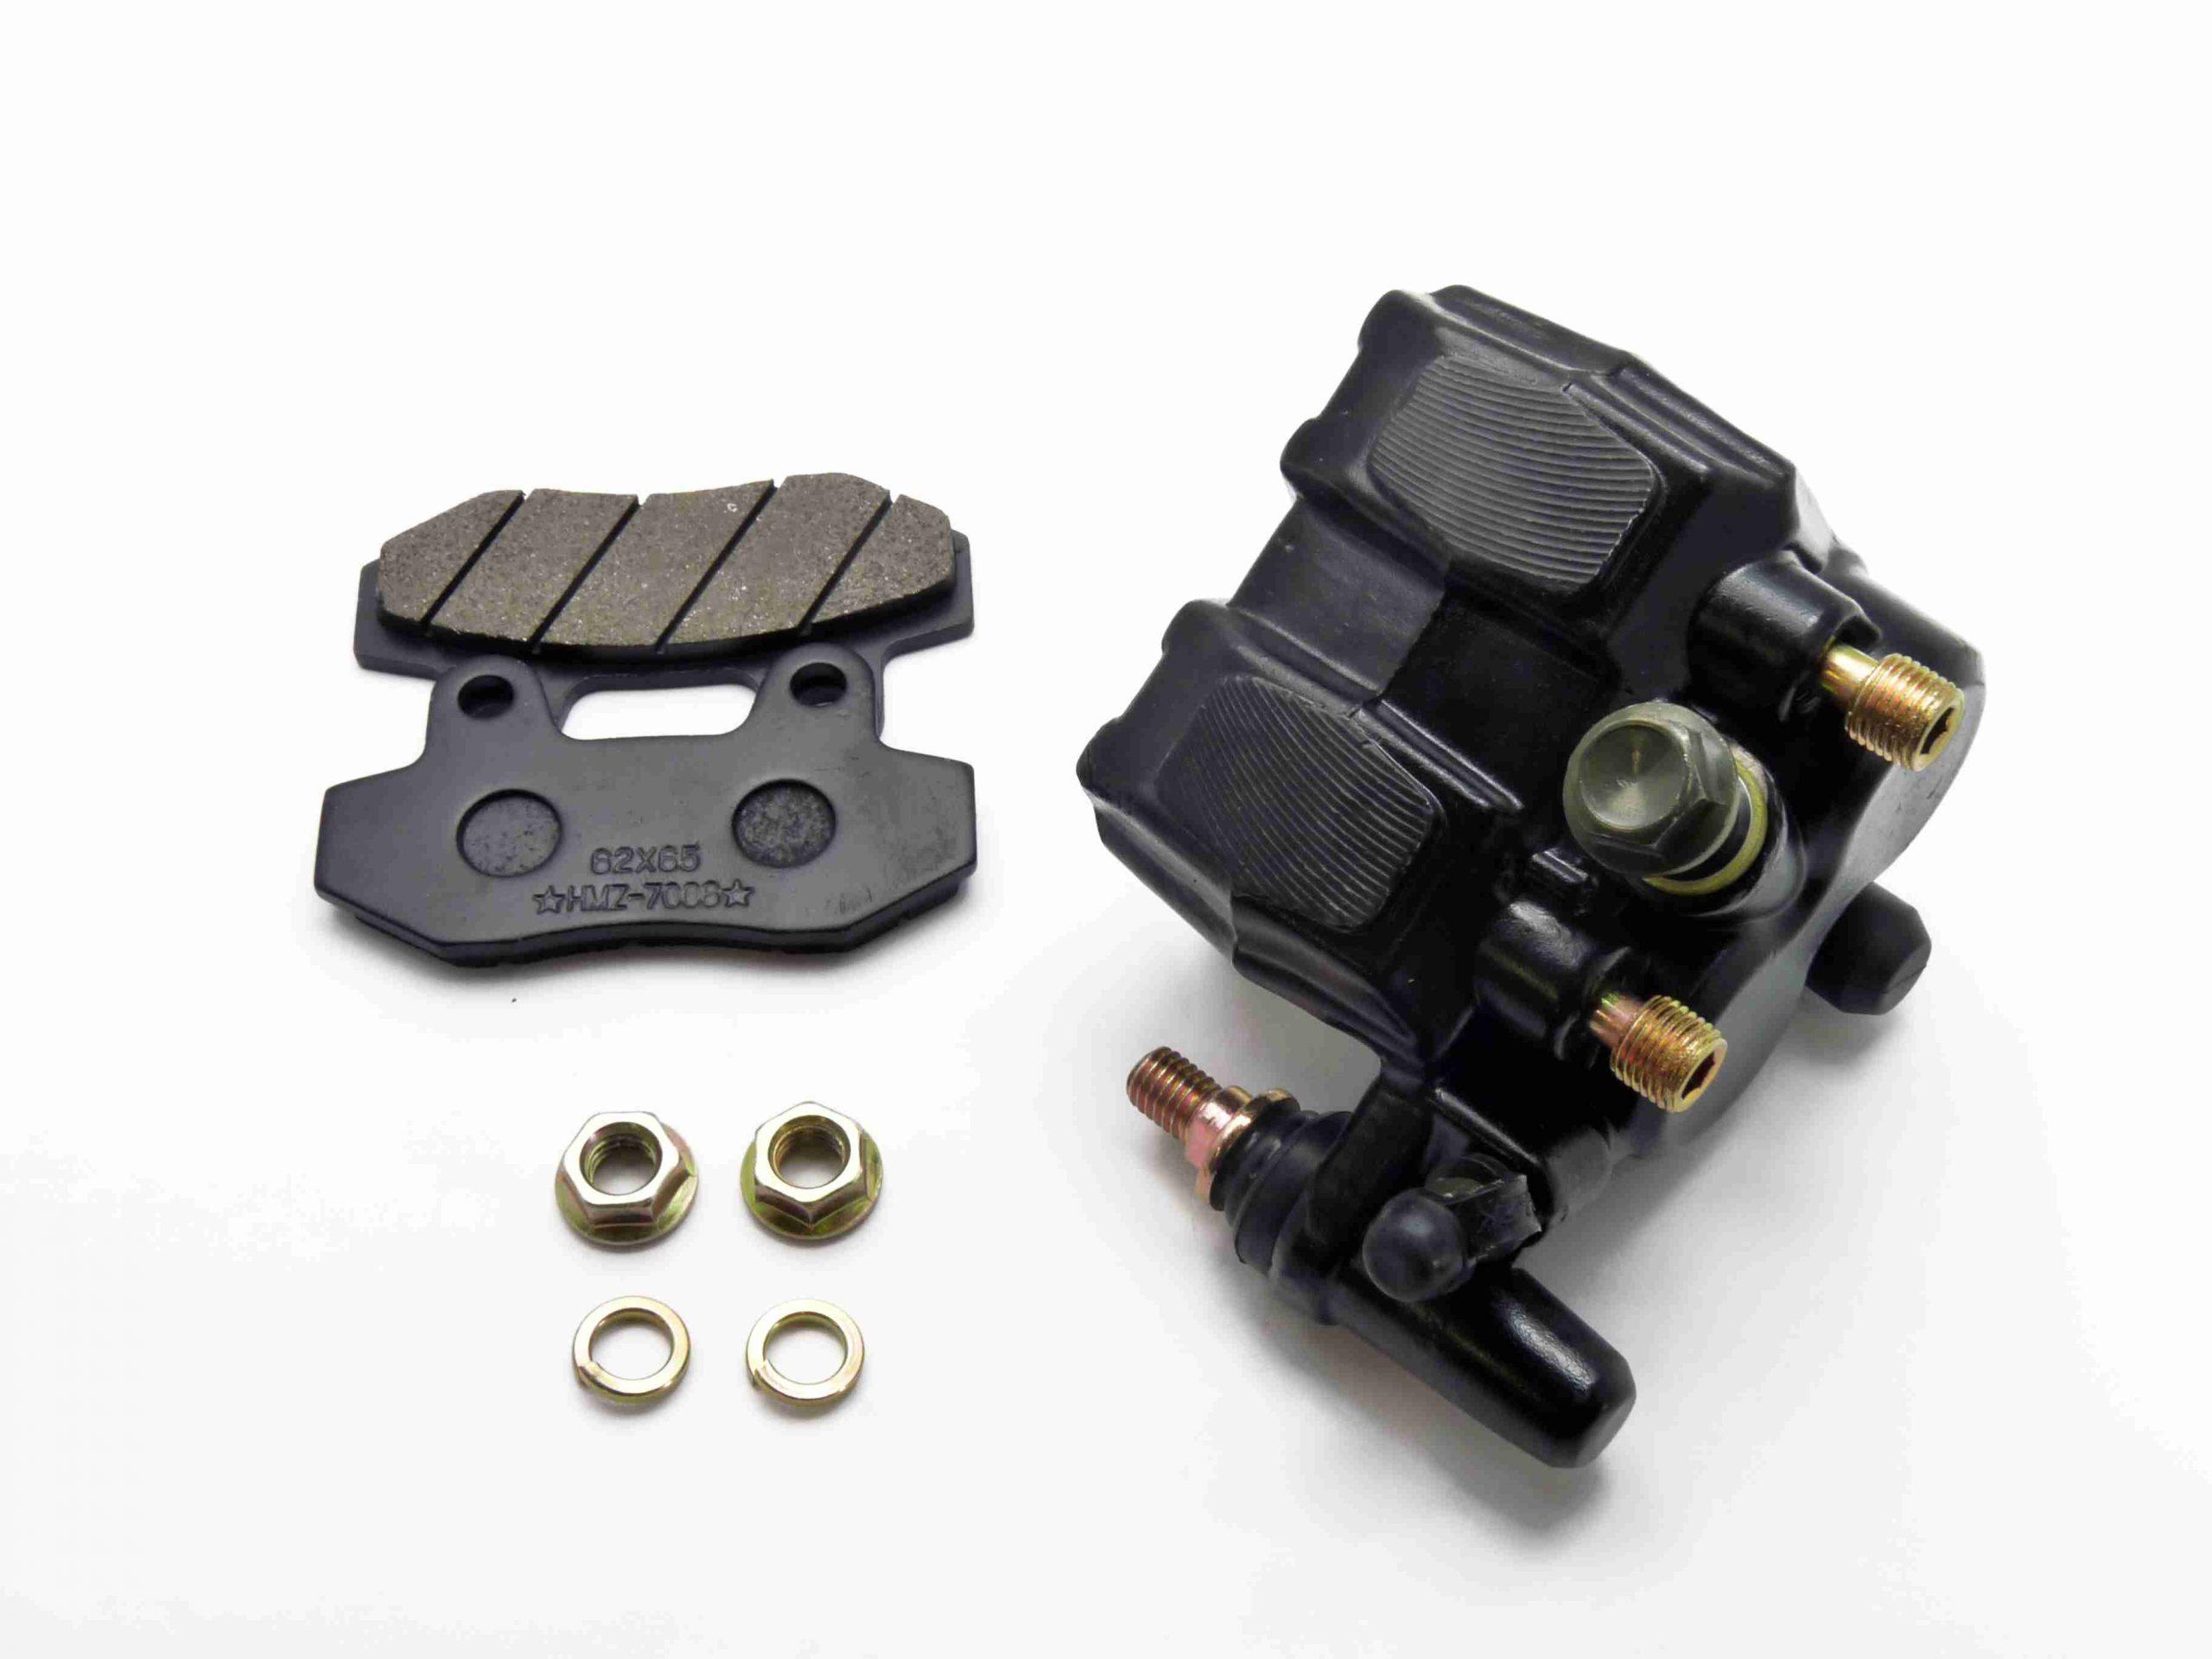 pitbike přední dvoupístkový brzdový třmen Stomp,DemonX, WPB, černý moto adamek